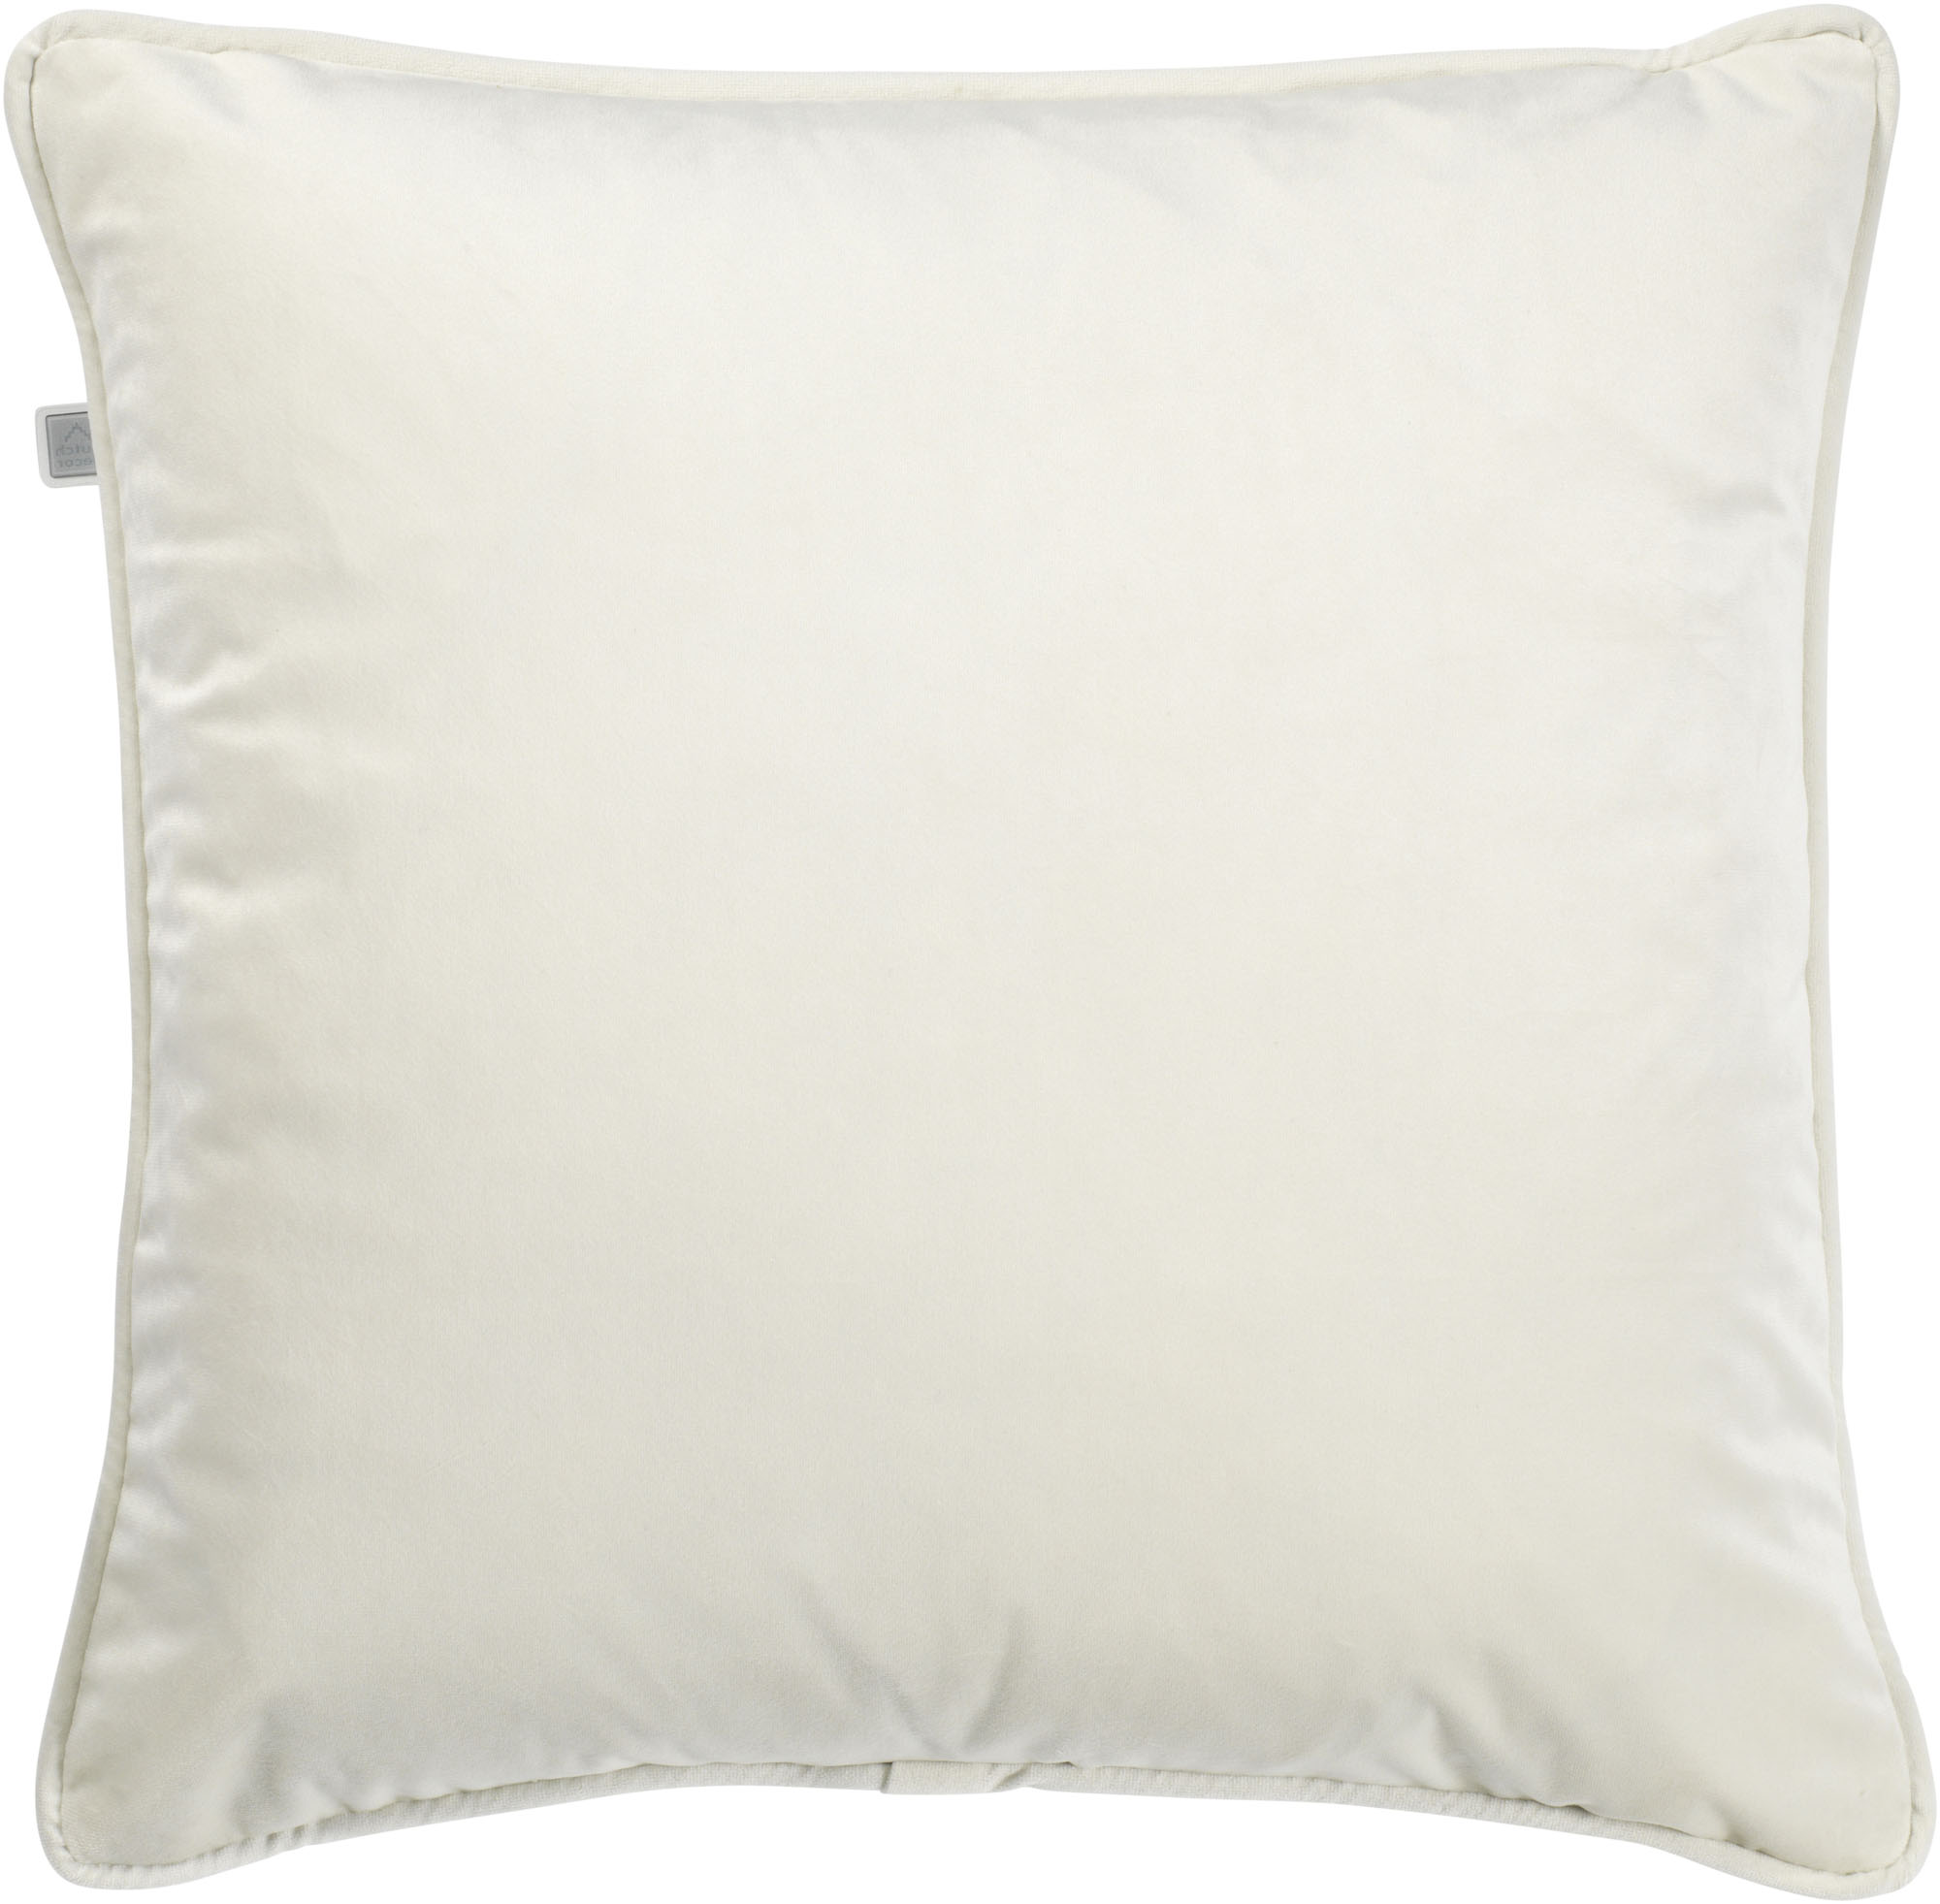 FINN - Sierkussen velvet Snow White 45x45 cm